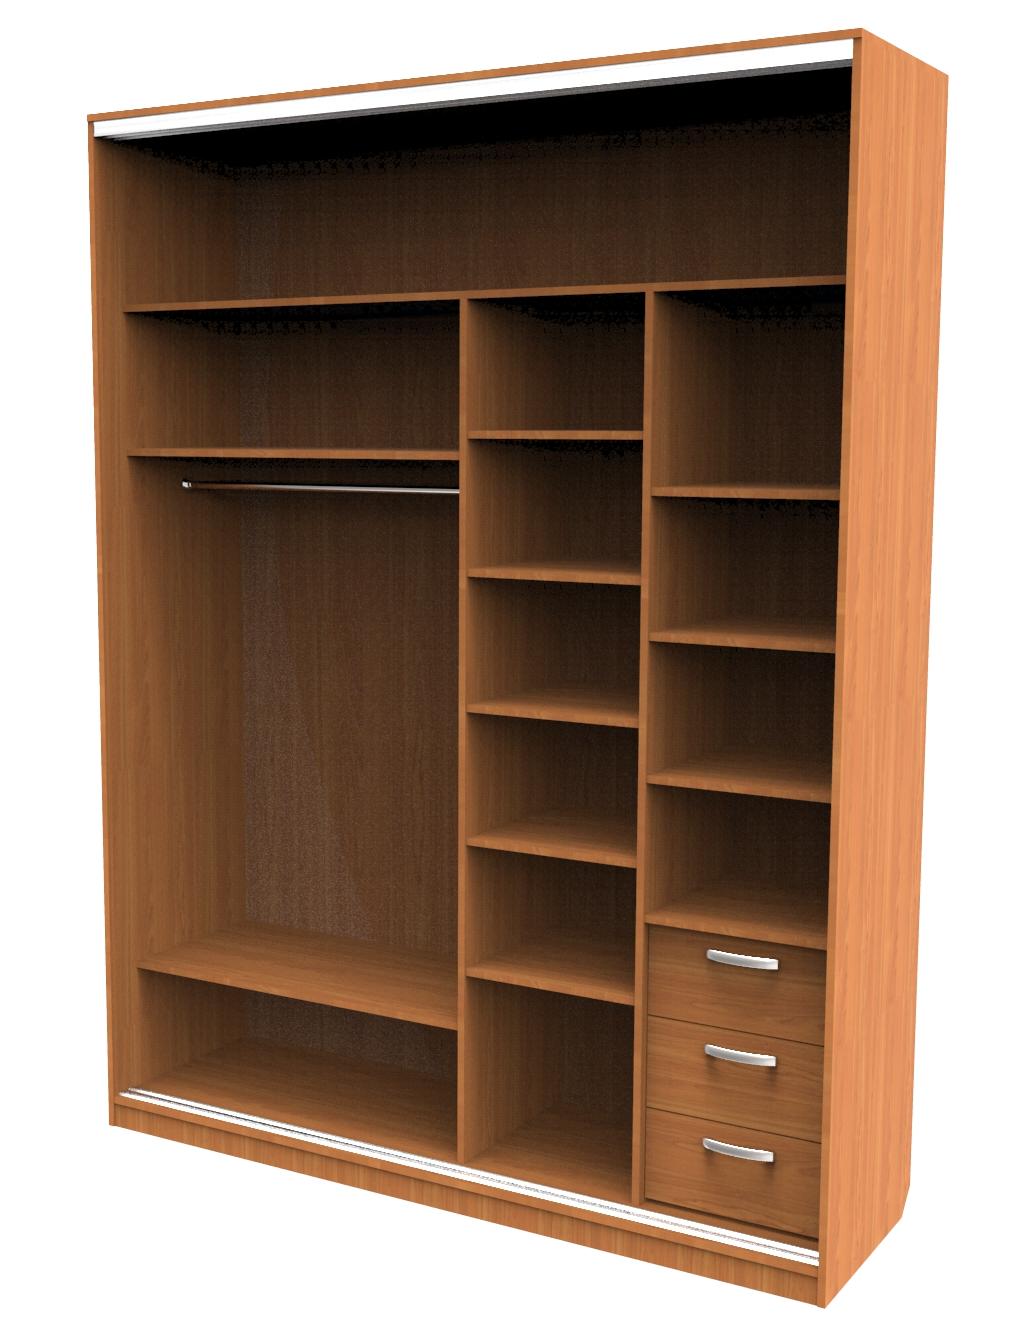 Программа конструктор шкафов купе торрент